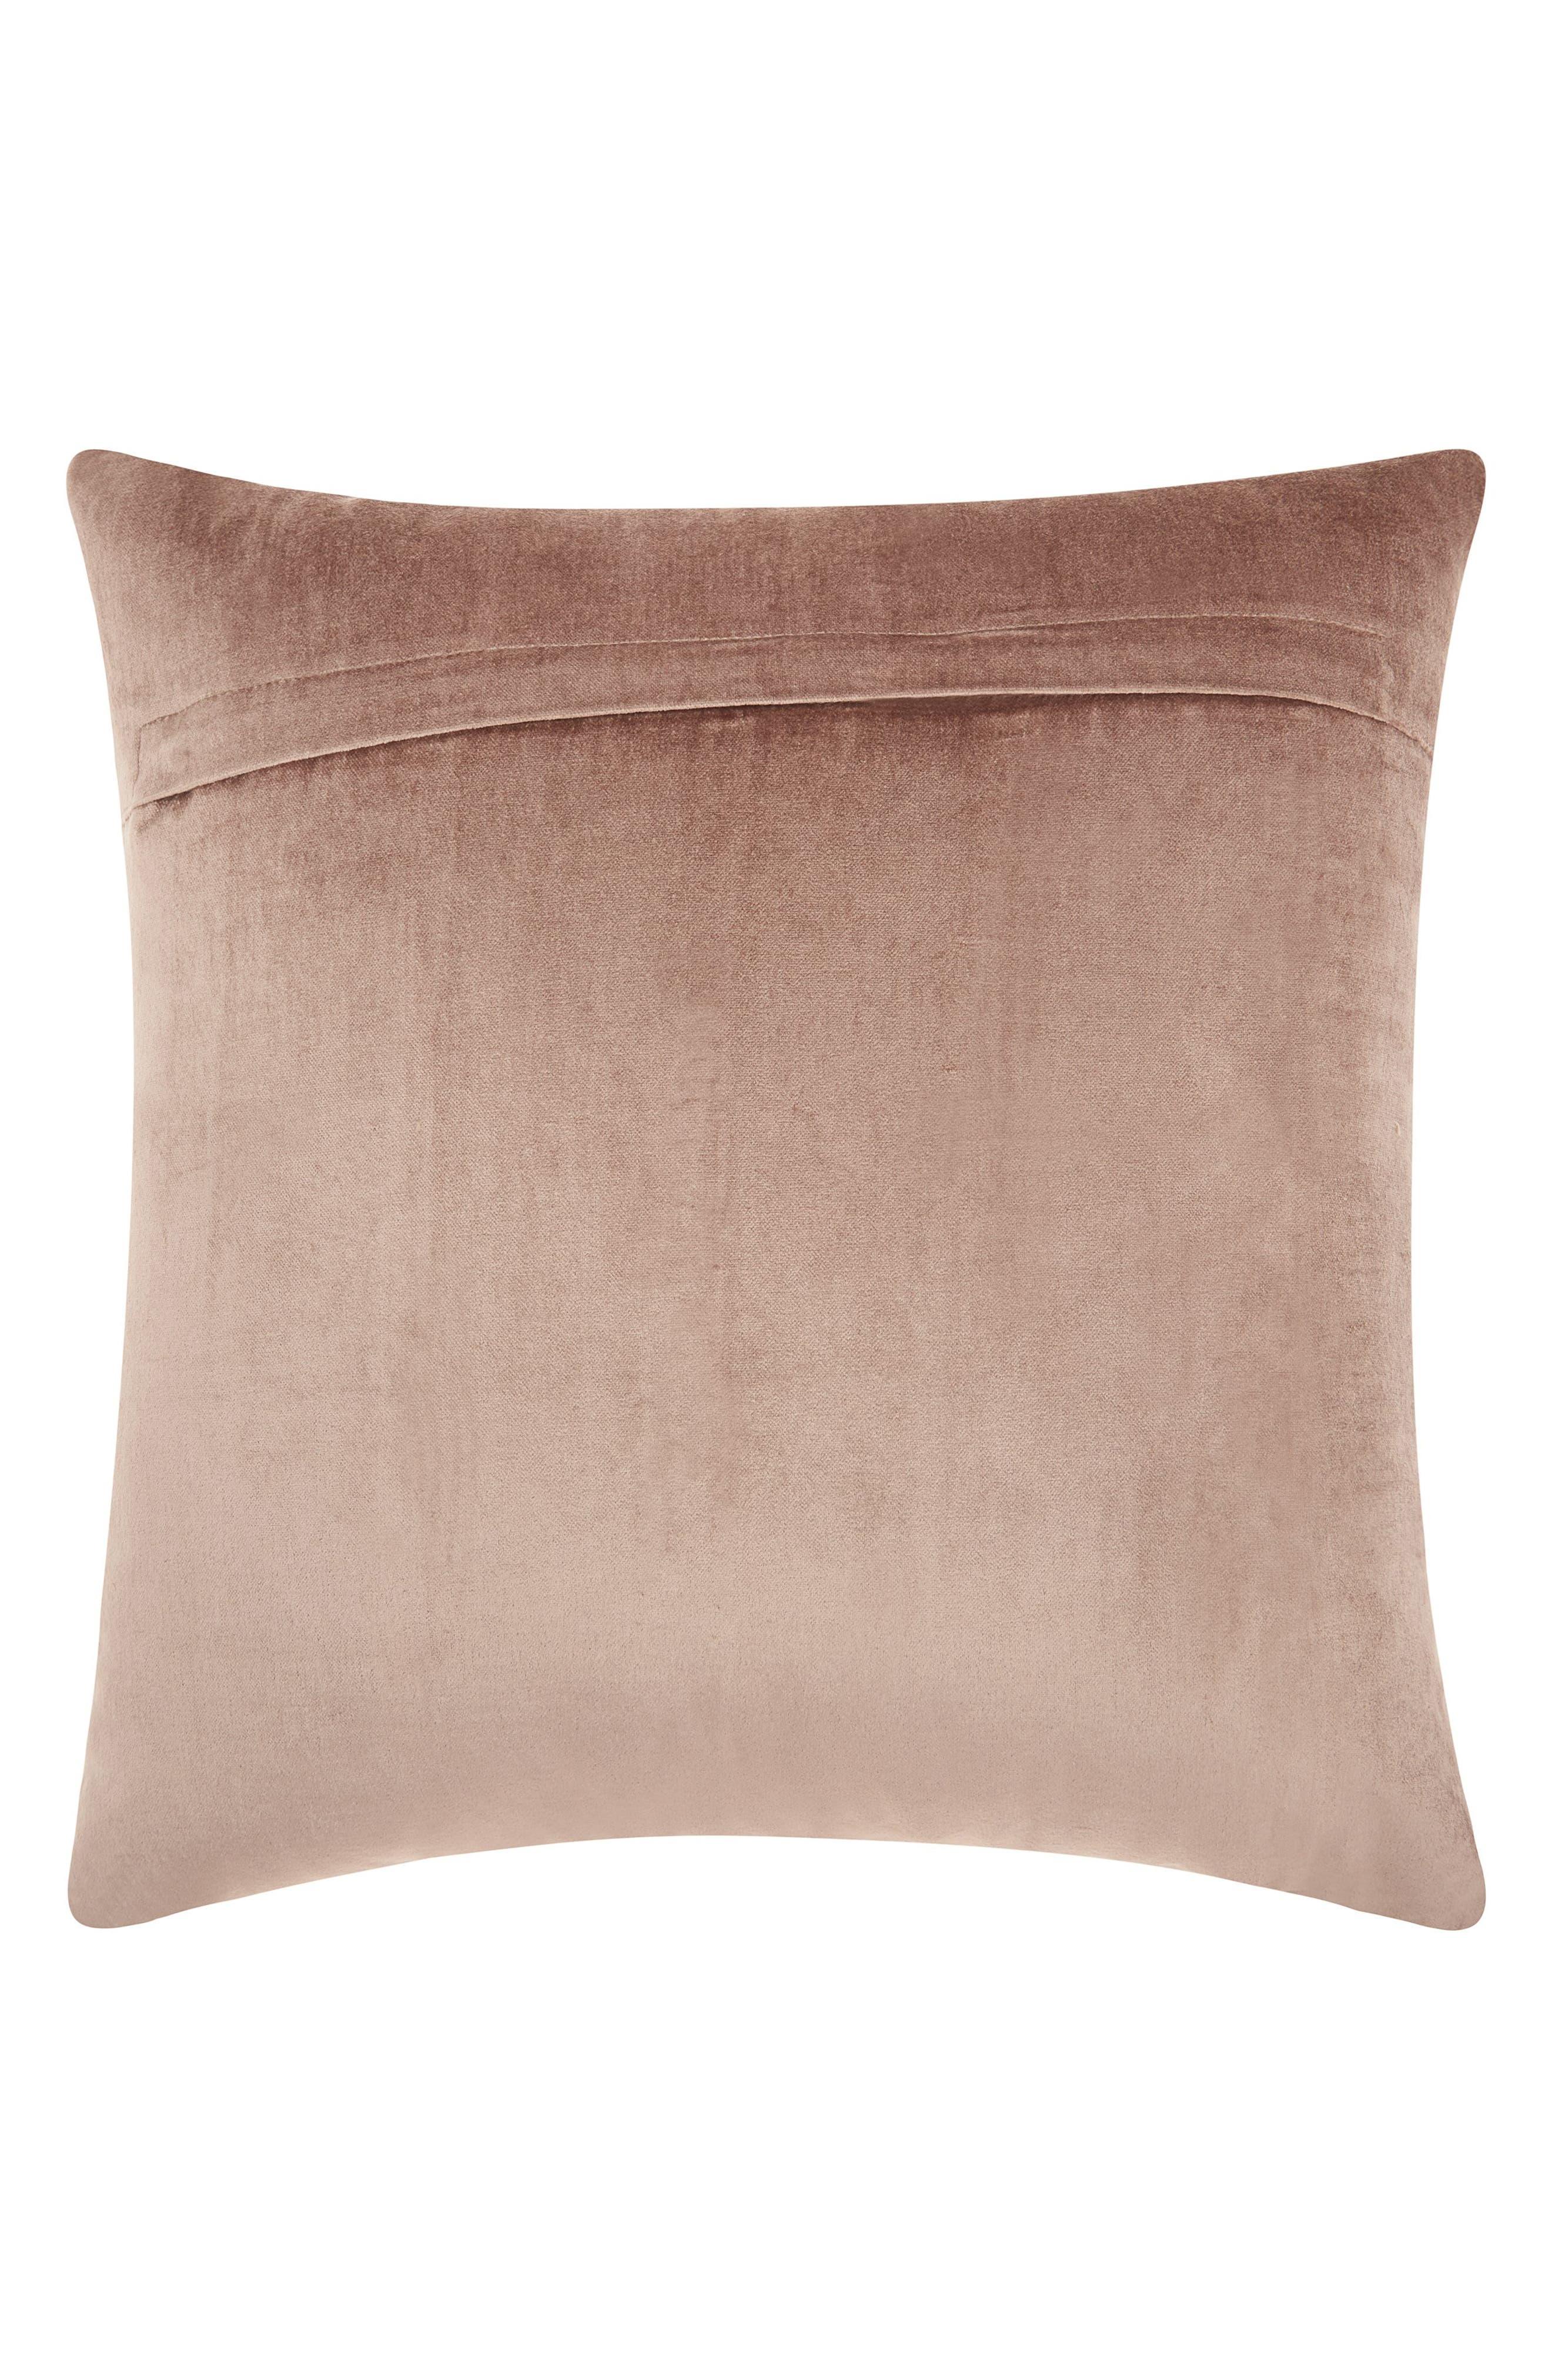 Stripe Velvet Accent Pillow,                             Alternate thumbnail 2, color,                             250